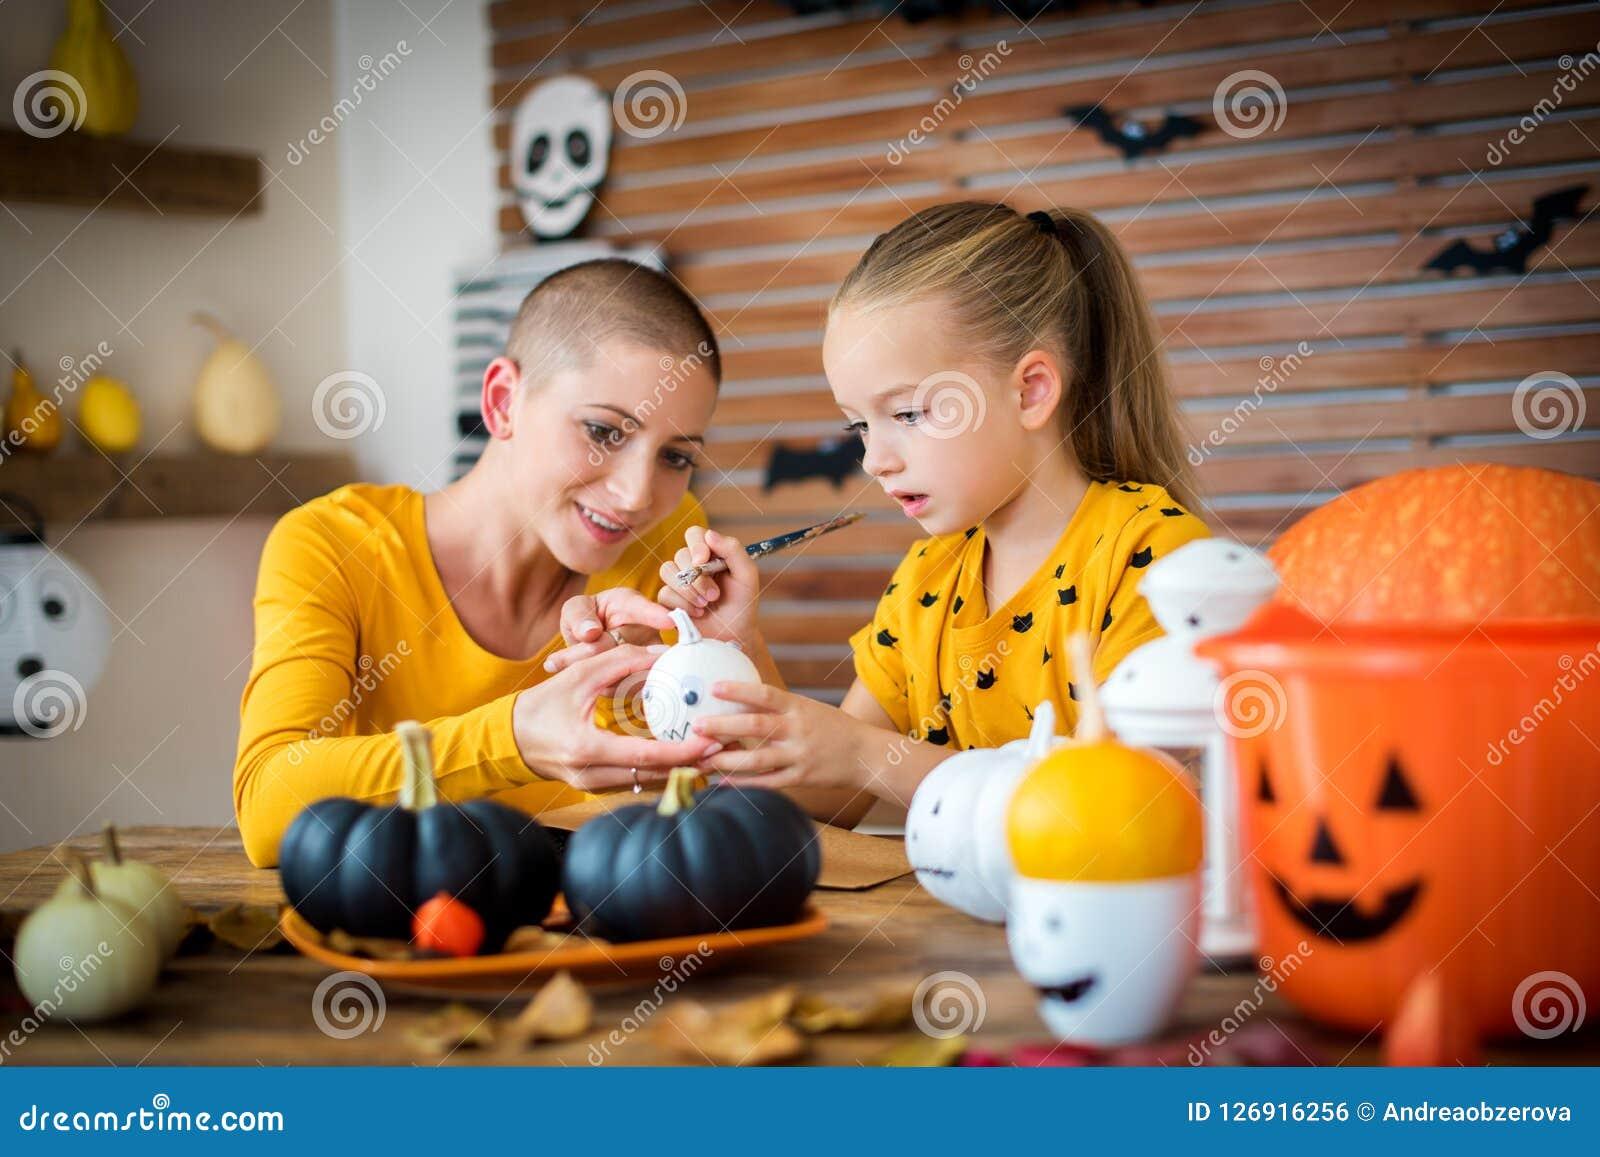 Jeune fille mignonne s asseyant à une table, décorant de petits potirons blancs avec sa mère, un cancéreux DIY Halloween